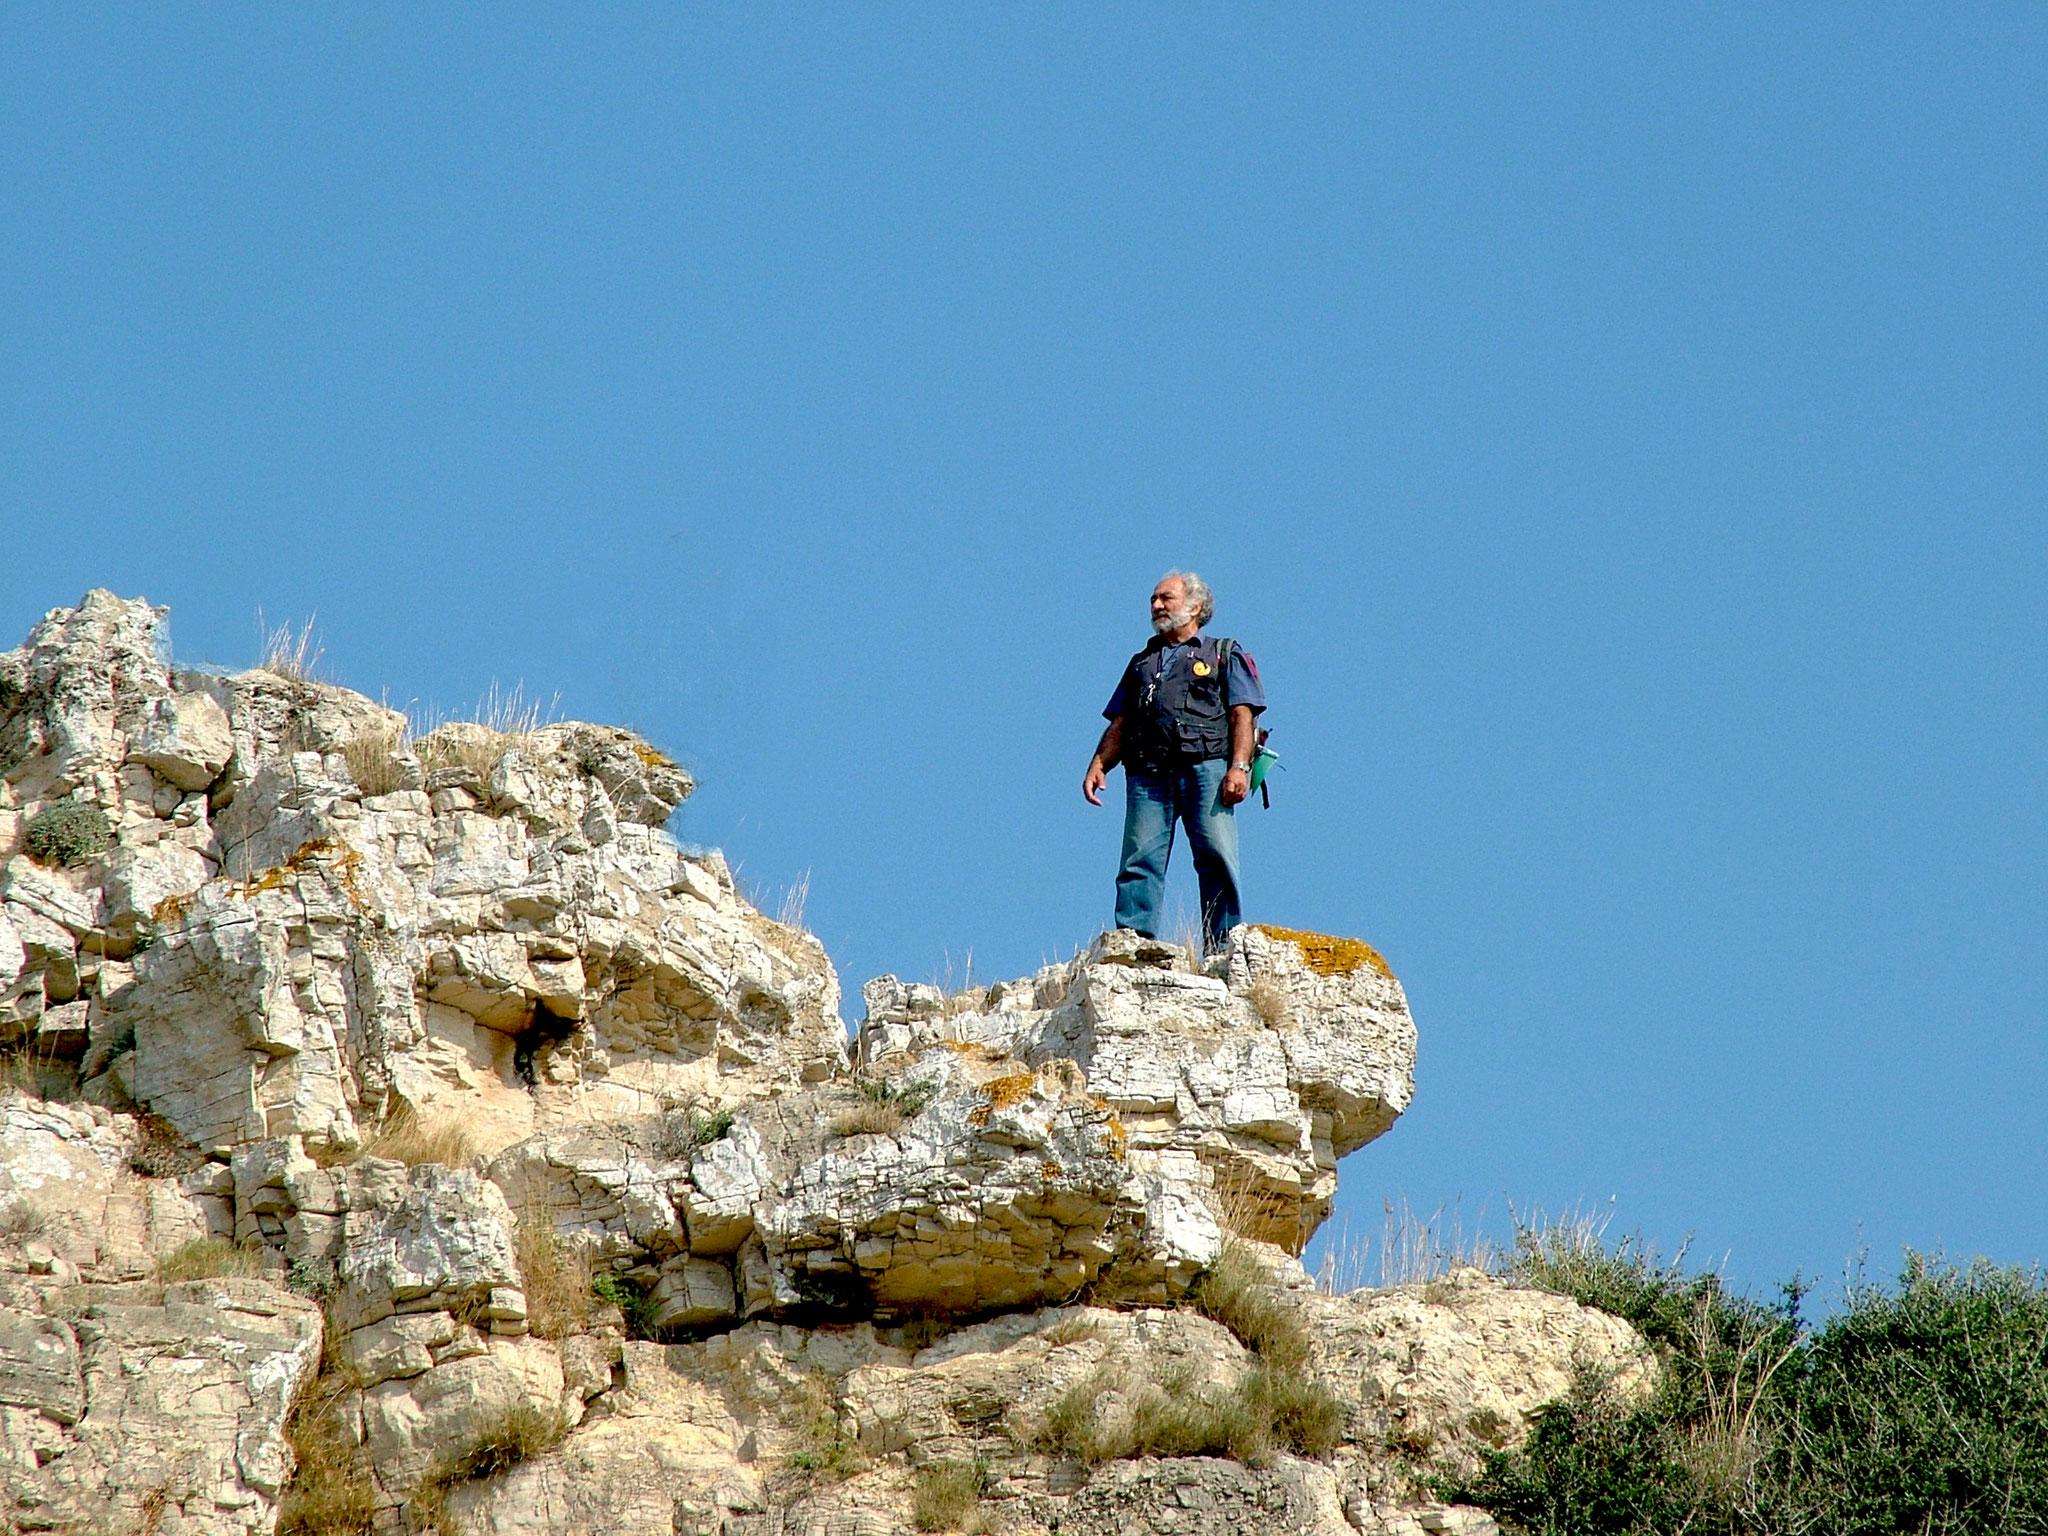 Riccardo Rella - Esplorazione in atto | Ezio Sarcinella